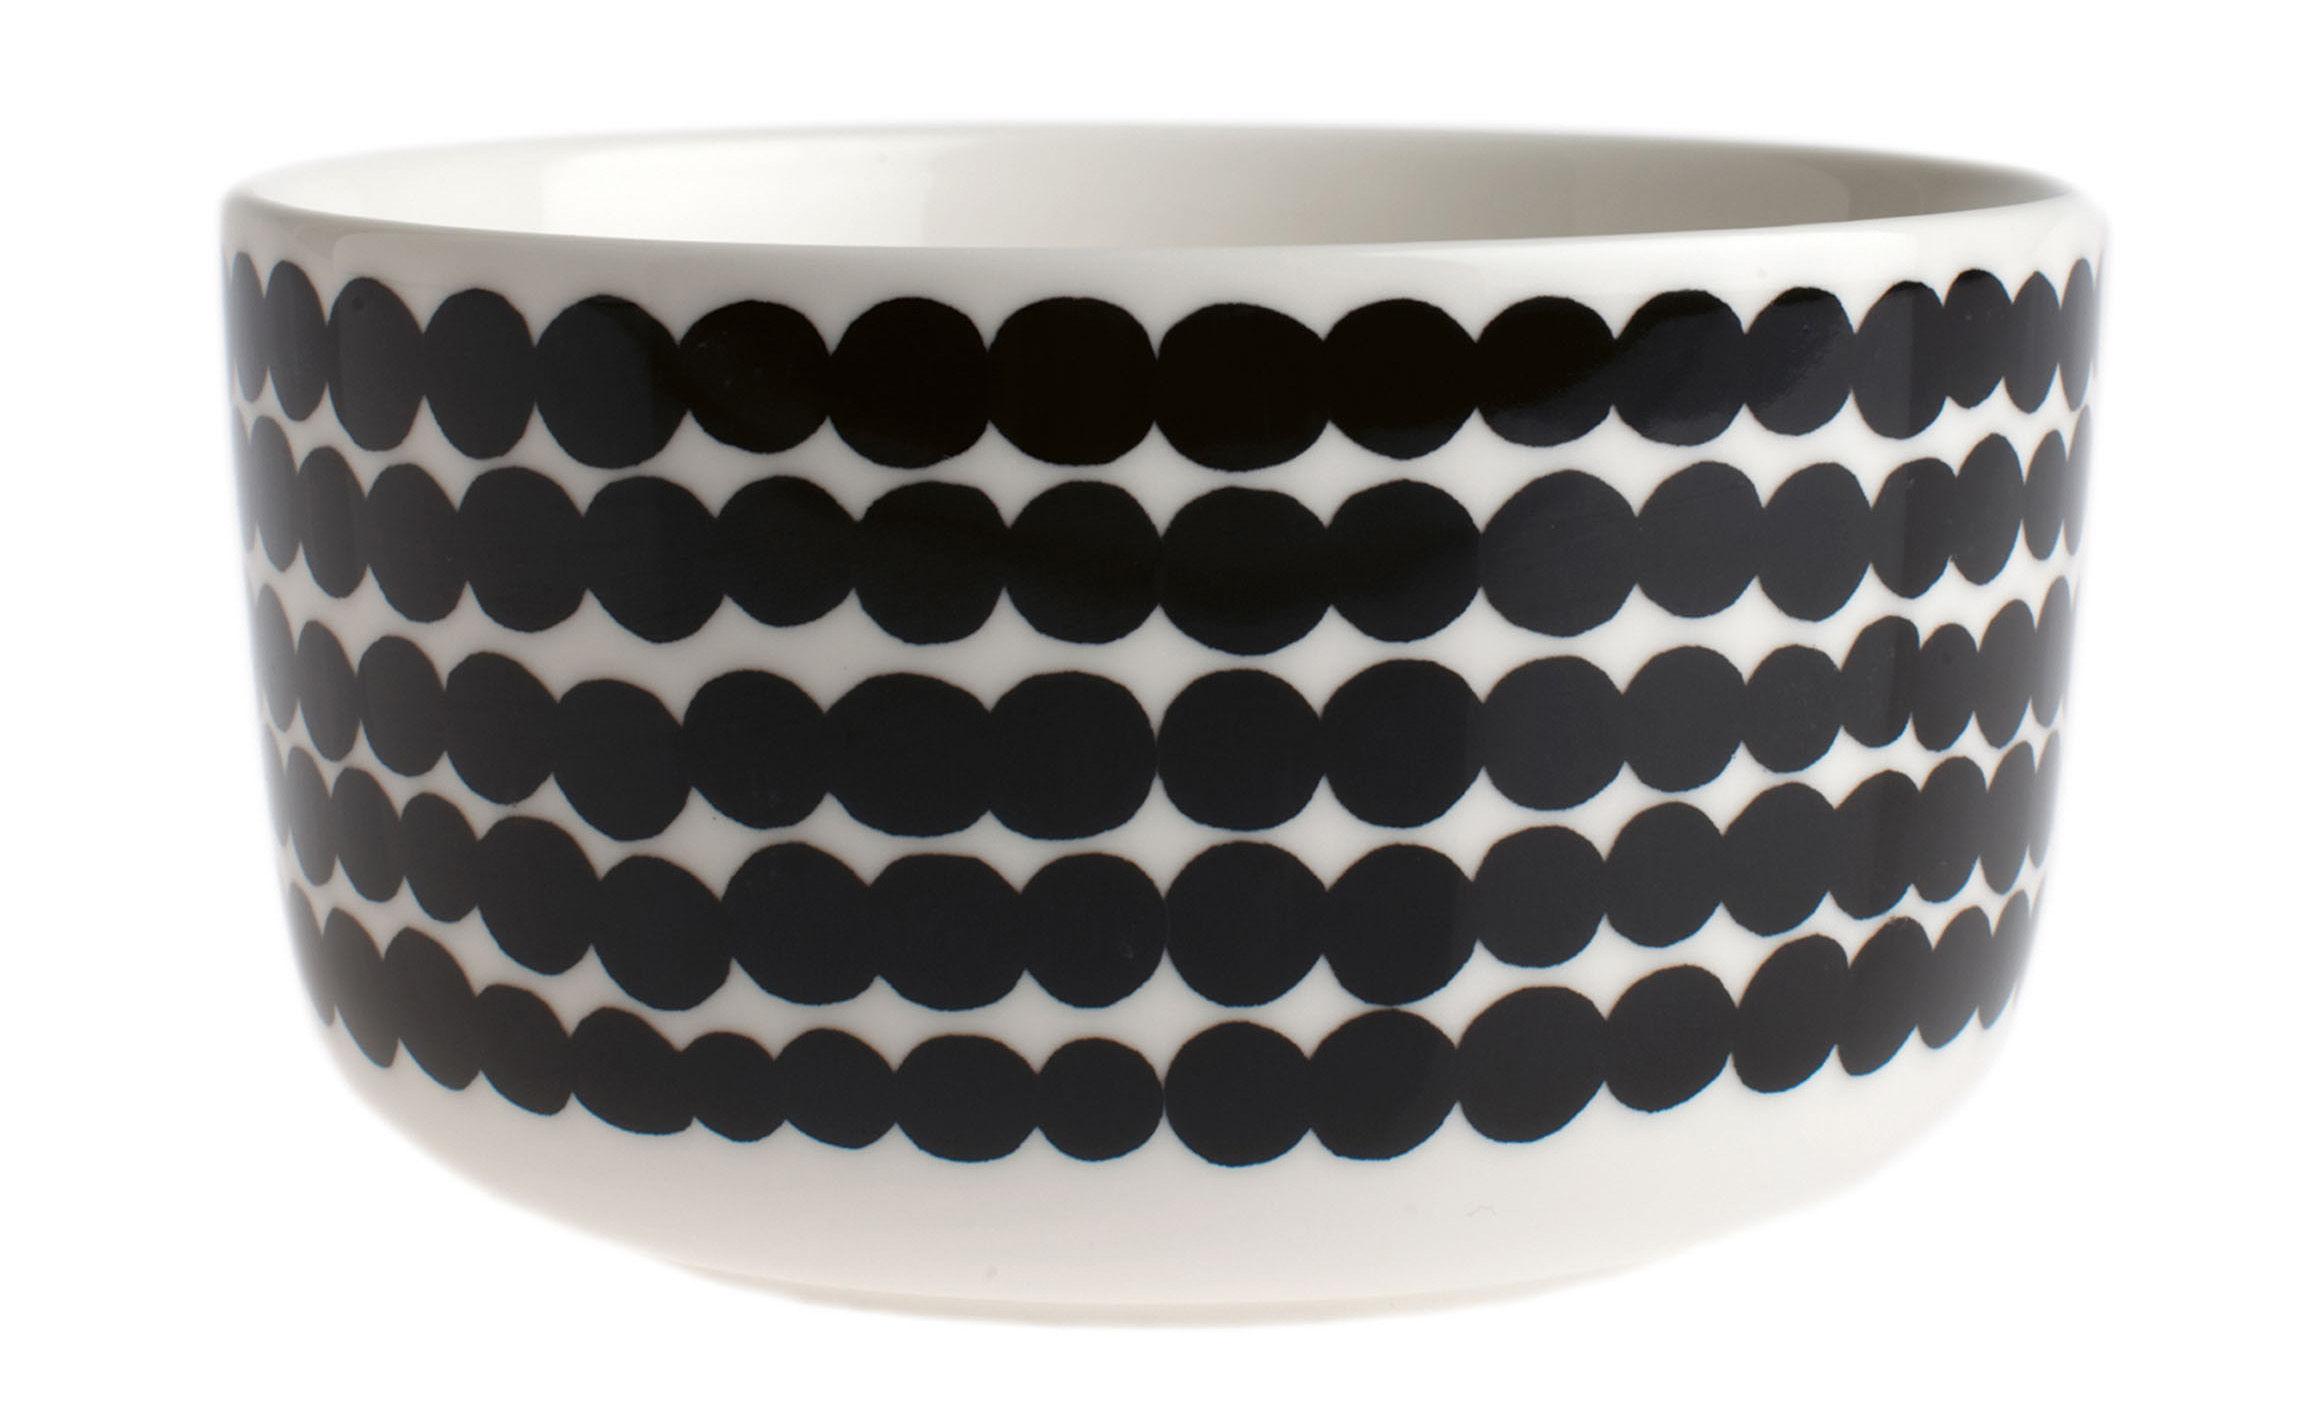 Tischkultur - Salatschüsseln und Schalen - Siirtolapuutarha Schale Ø 12,5 cm - Marimekko - Ø 12,5 cm - Siirtolapuutarha - Schwarz & weiß - emailliertes Porzellan